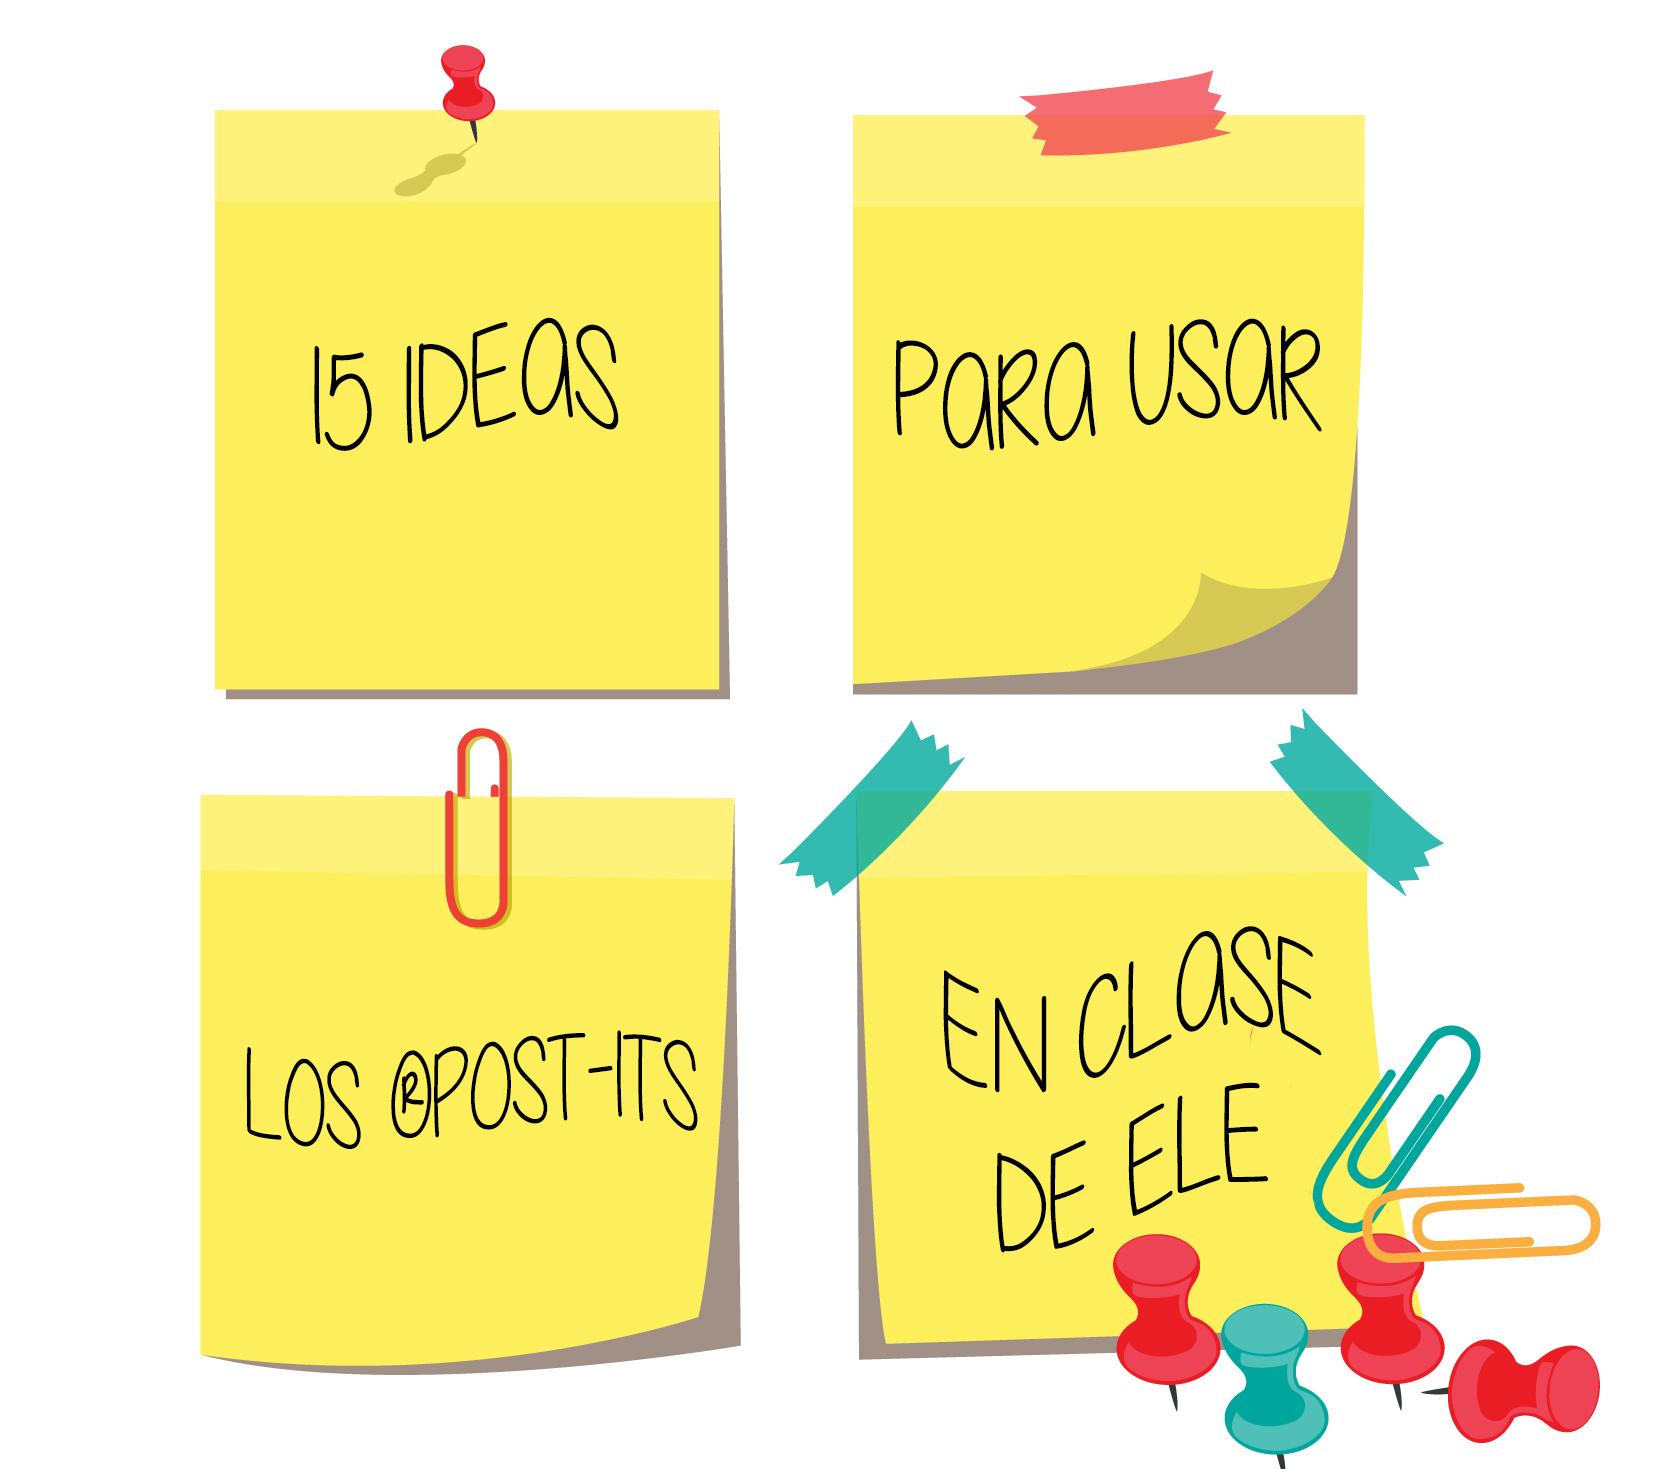 15 IDEAS PARA USAR LOS ®POST-ITS EN CLASE DE ELE